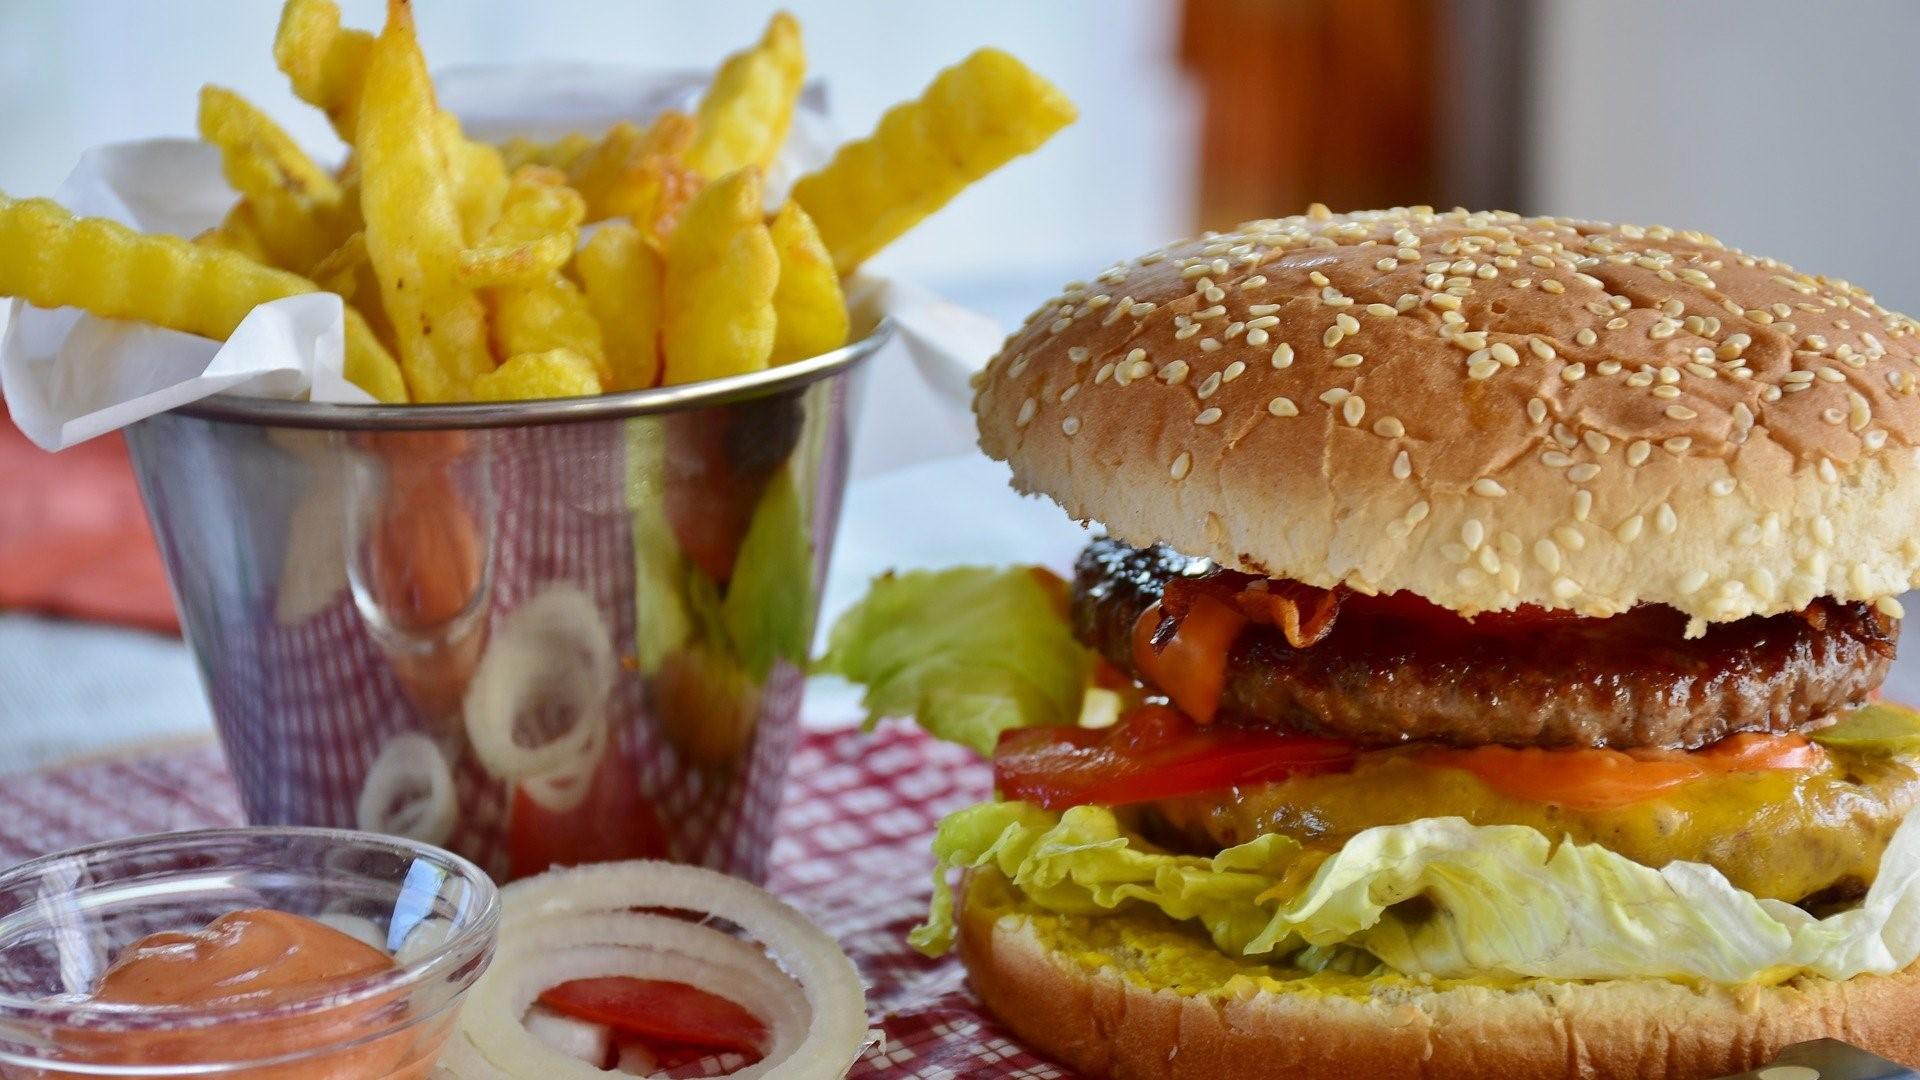 bonnFM bissfest: Fast Food